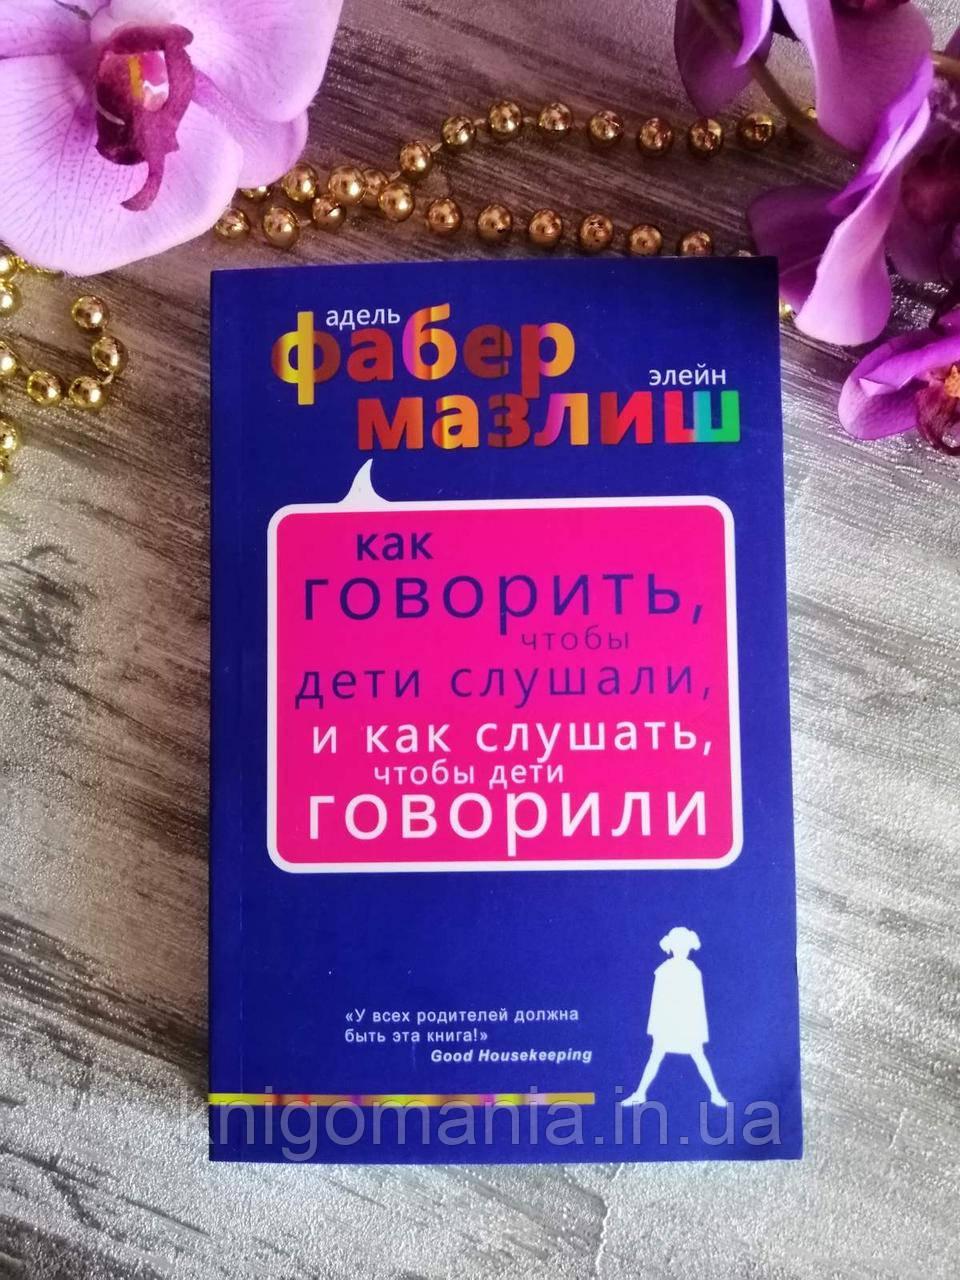 """Книга """"Как говорить, чтобы дети слушали, и как слушать, чтобы дети говорили"""" Адель Фабер и Элейн Мазлиш"""